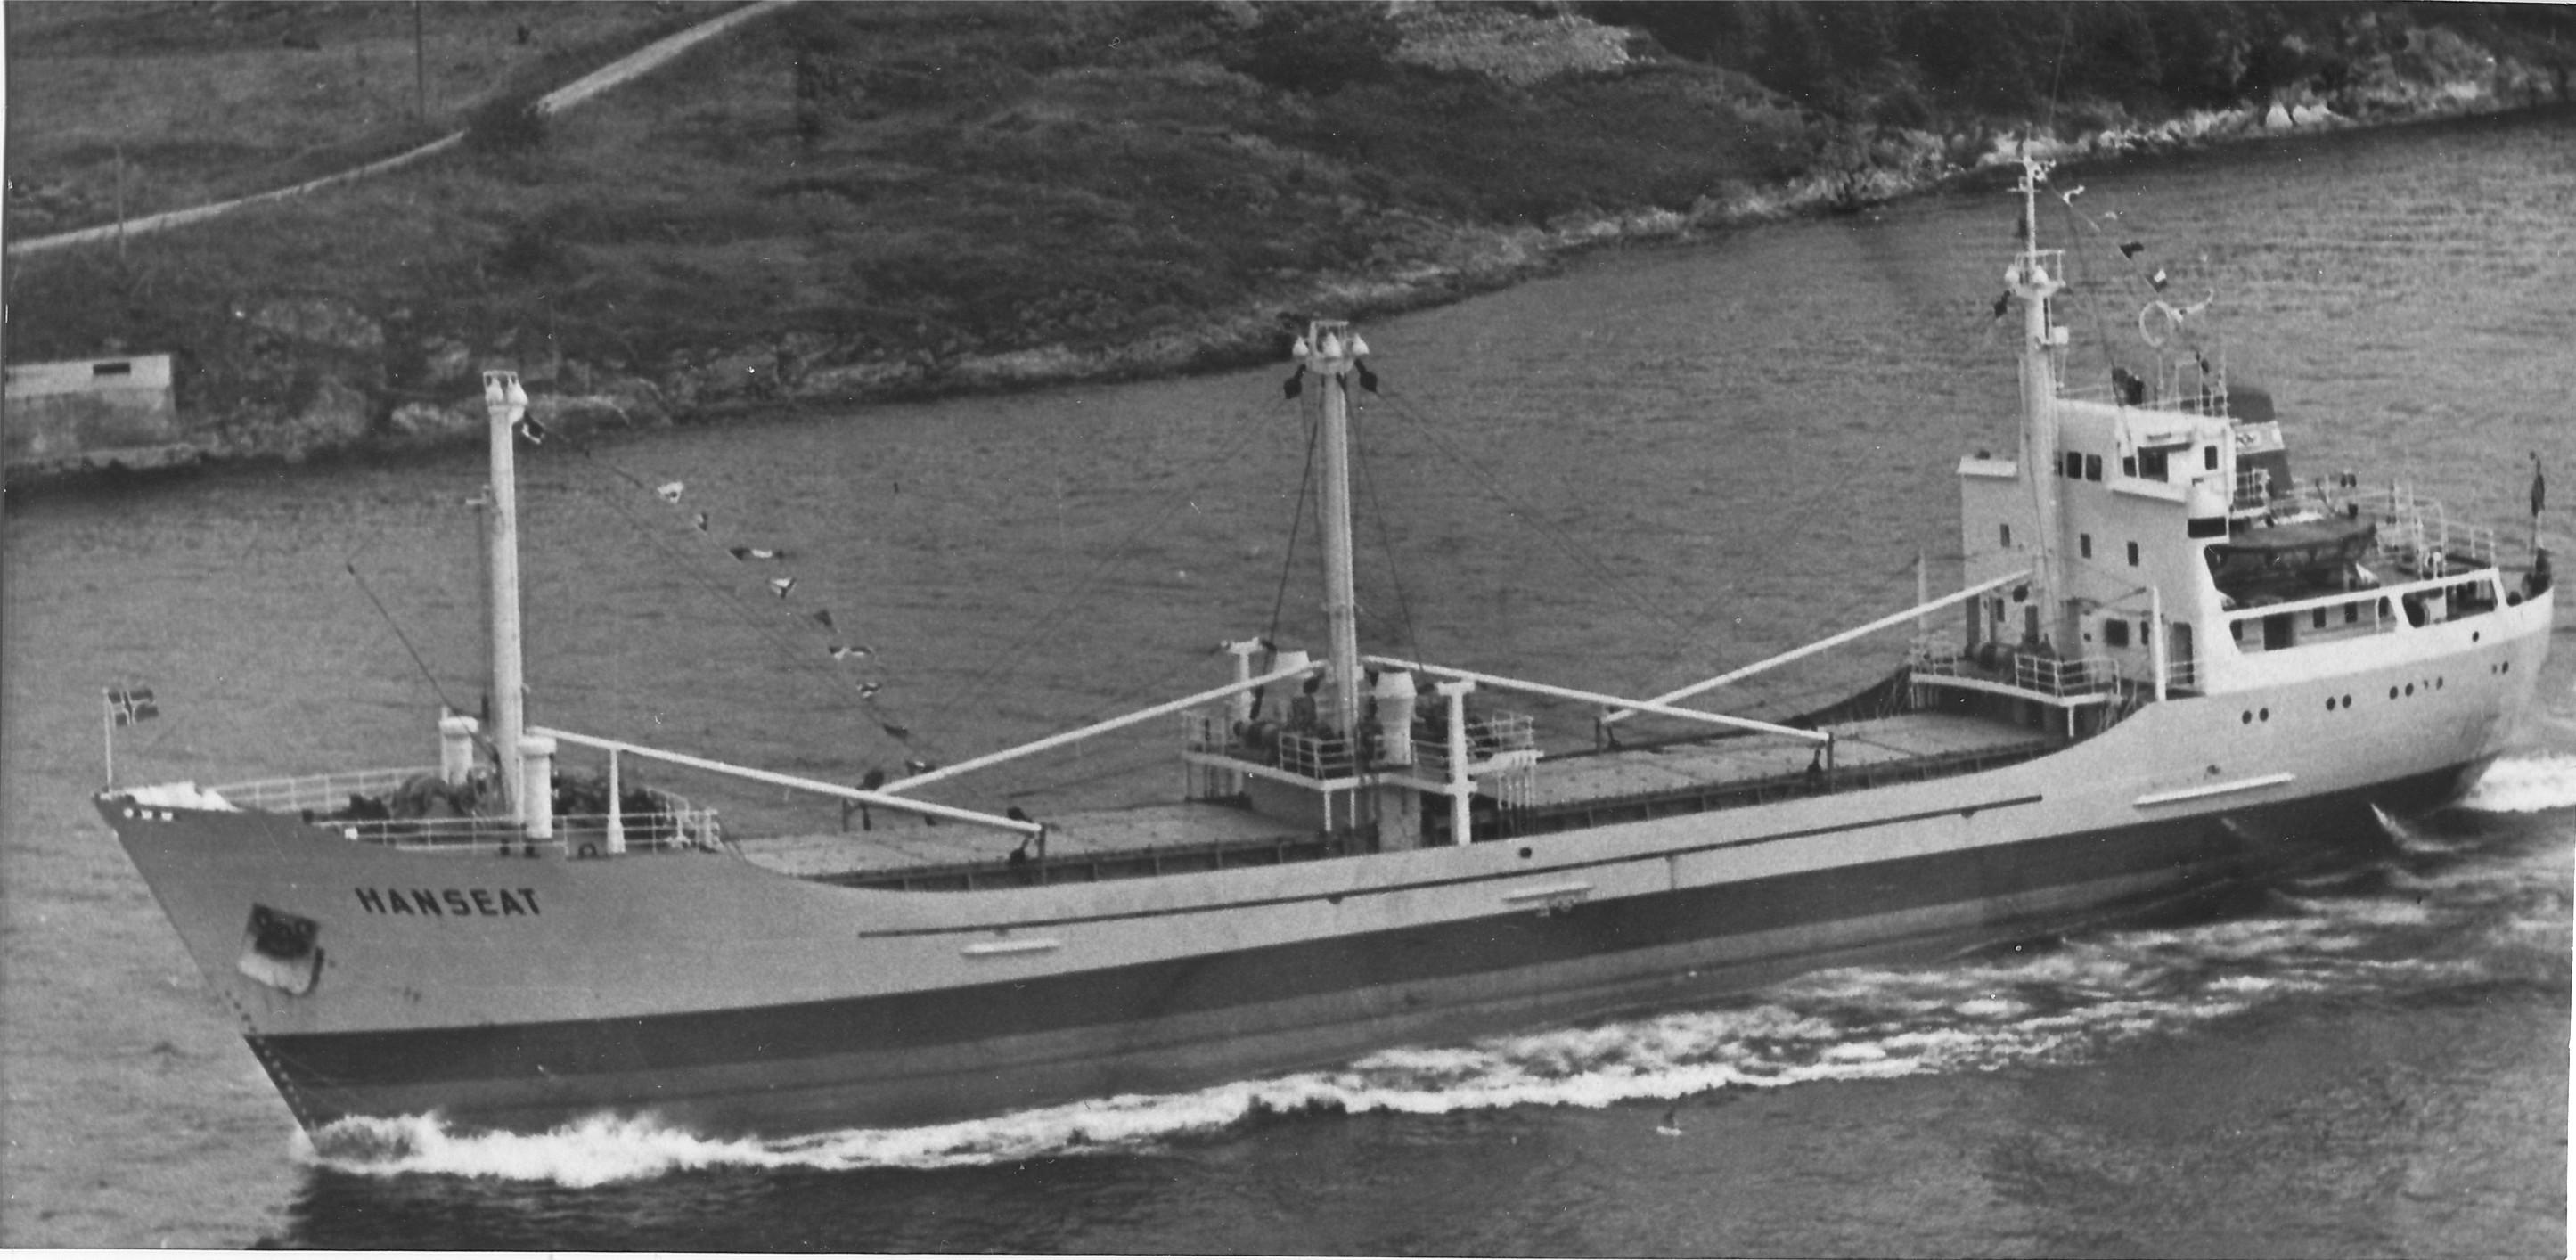 Hanseat (1965) Karmsund